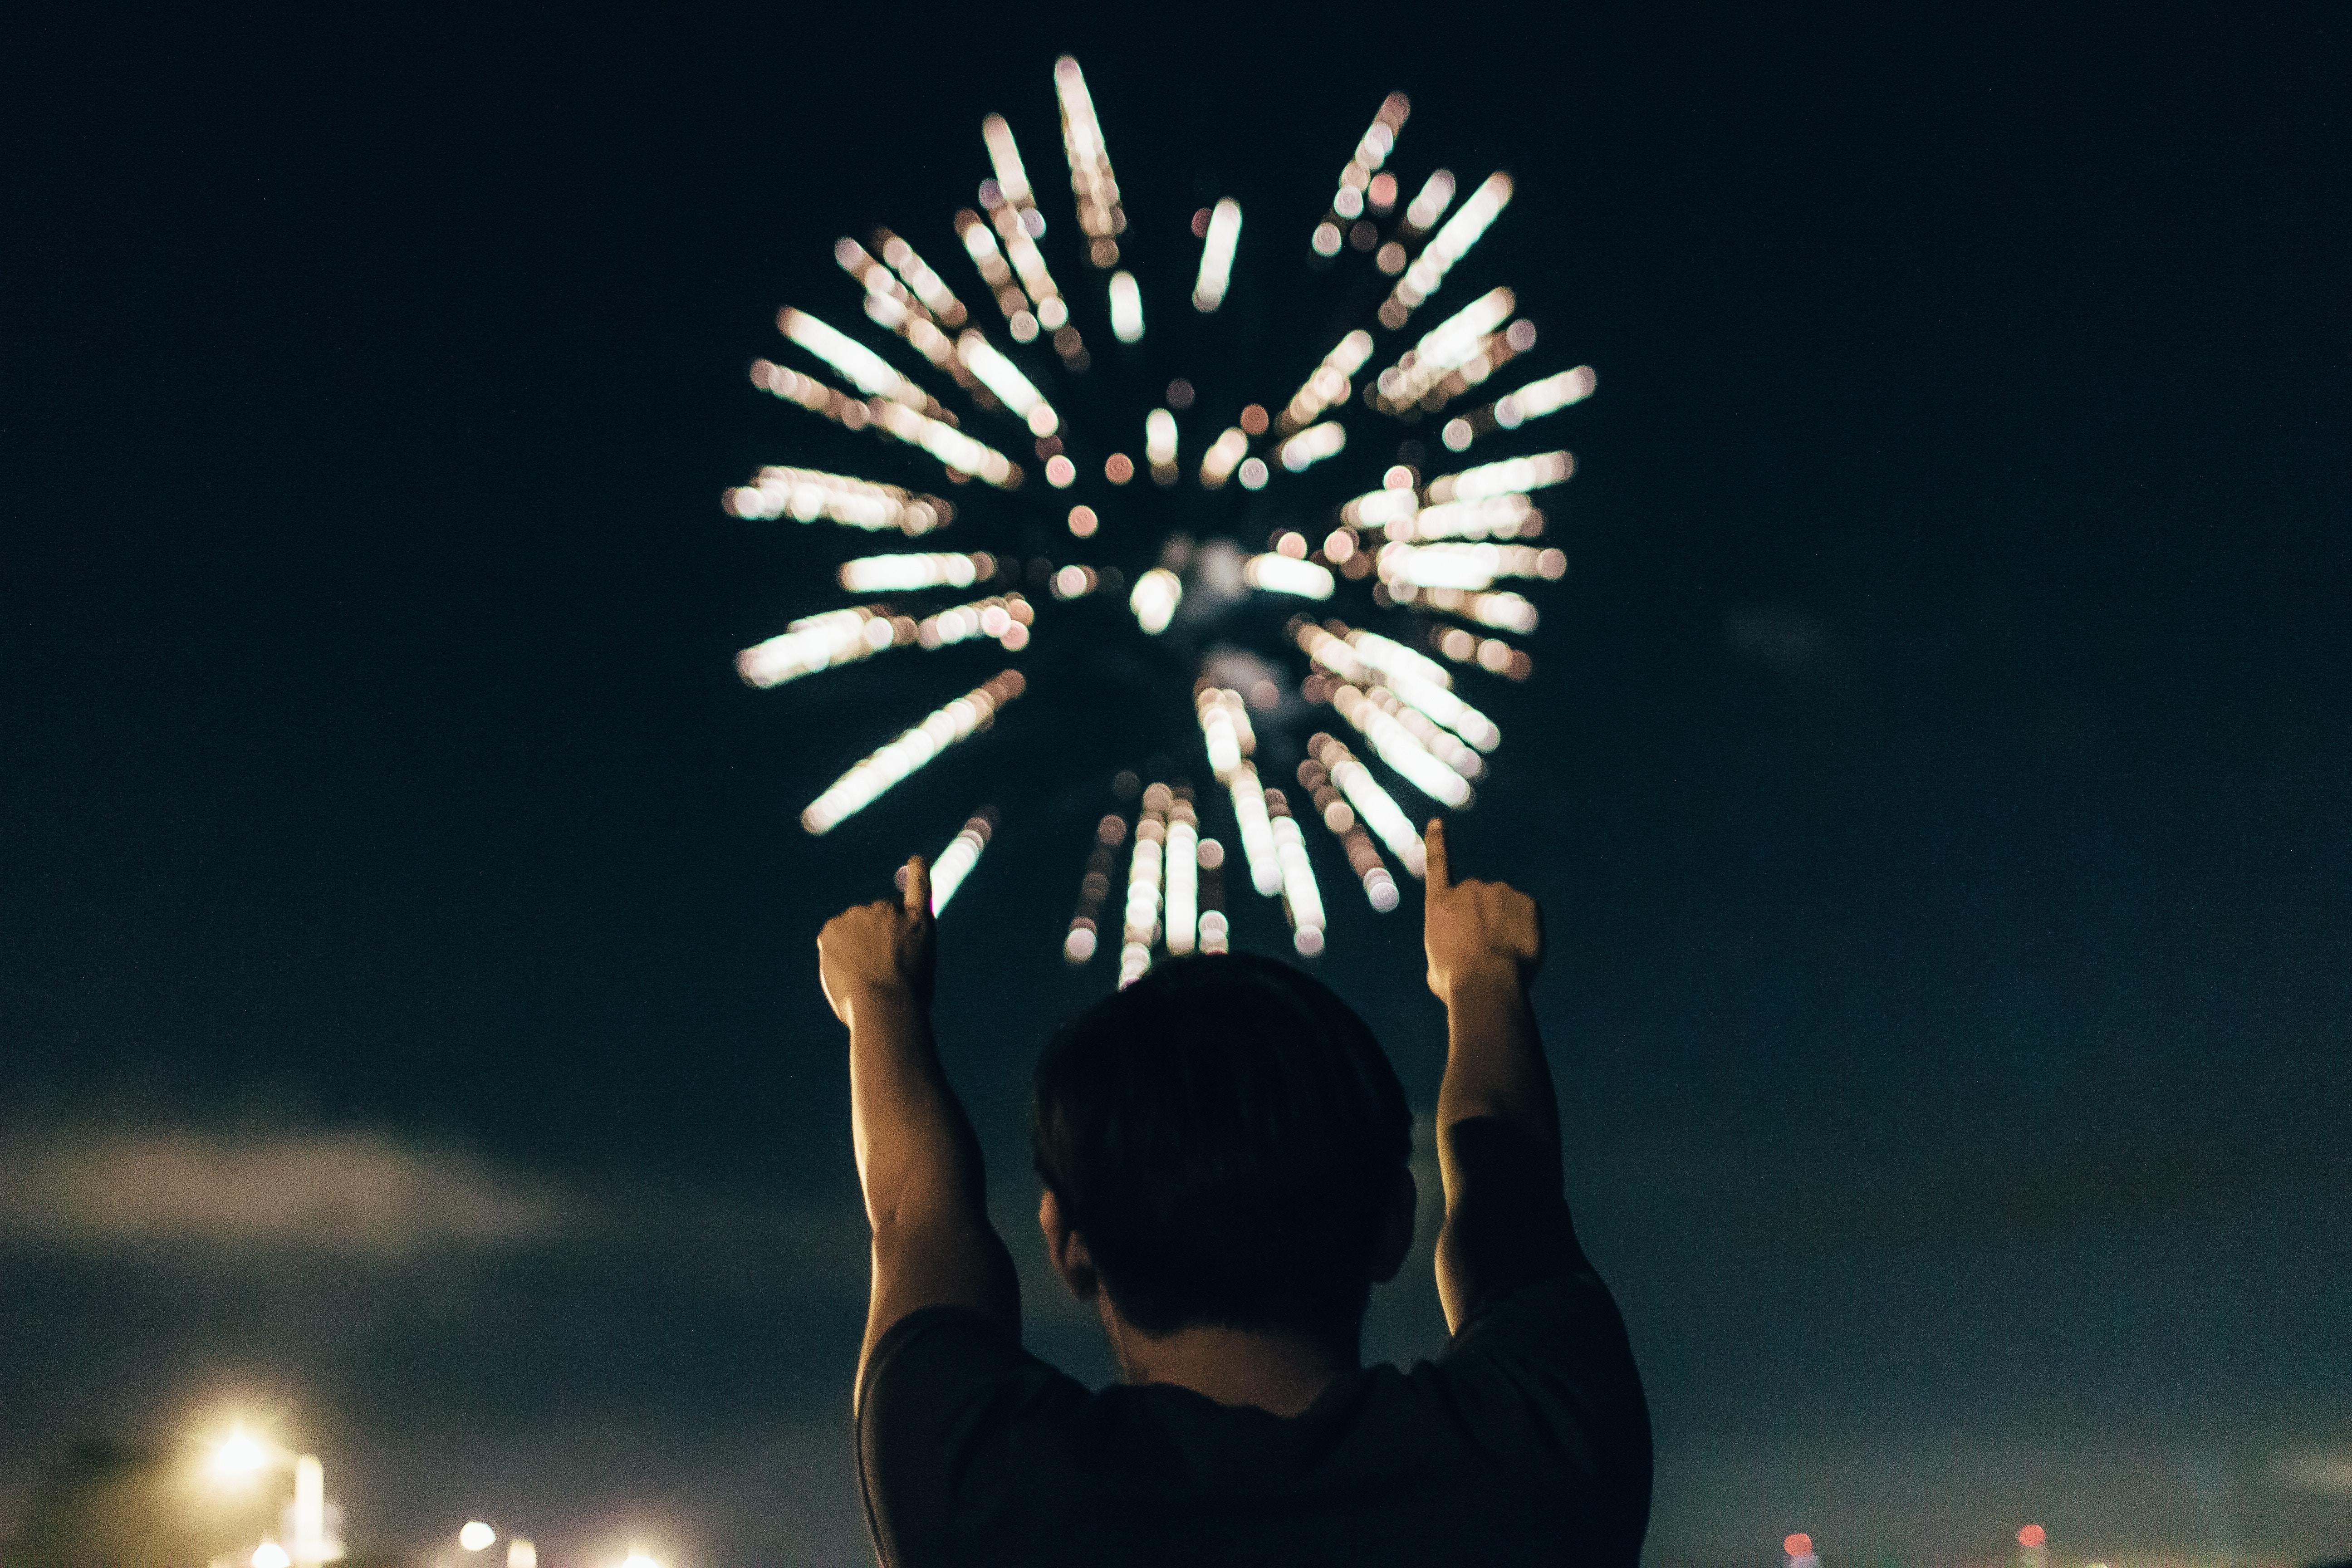 Festivités et feu d'artifice Lyon 9 Vaise :<br/> Programme du 14 Juillet 2019